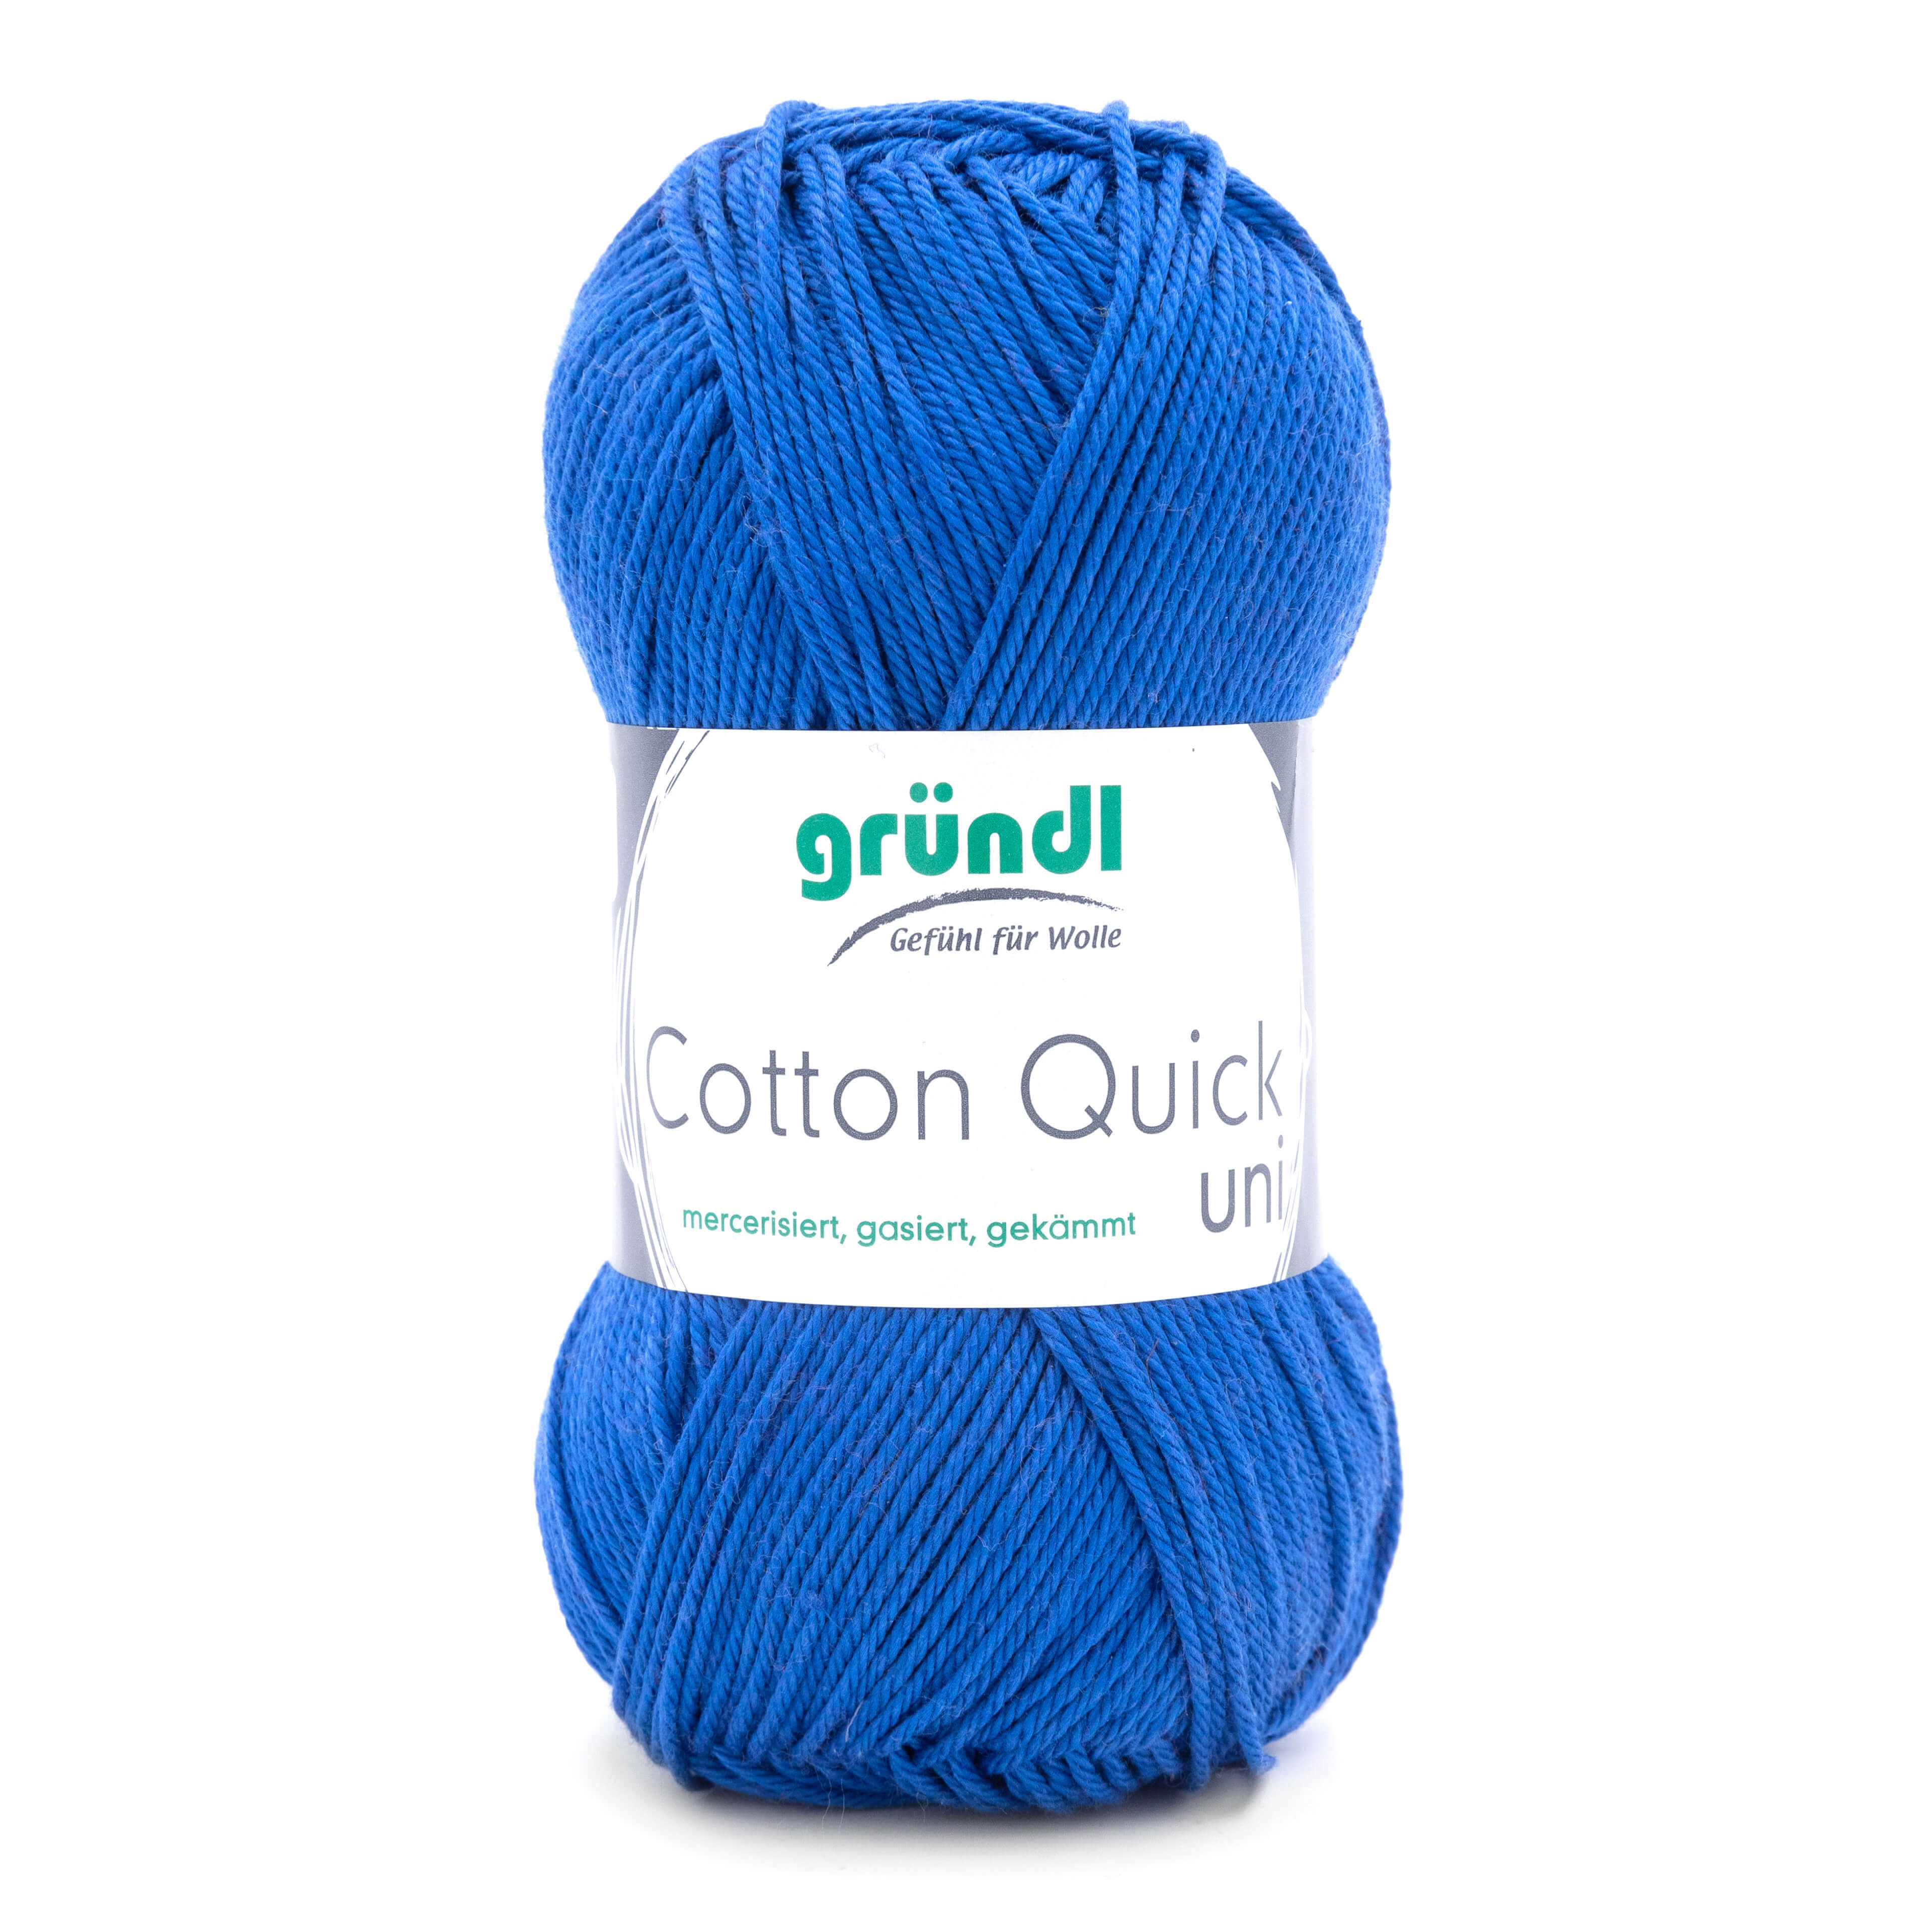 Baumwollgarn von Gründl in kobaldblau